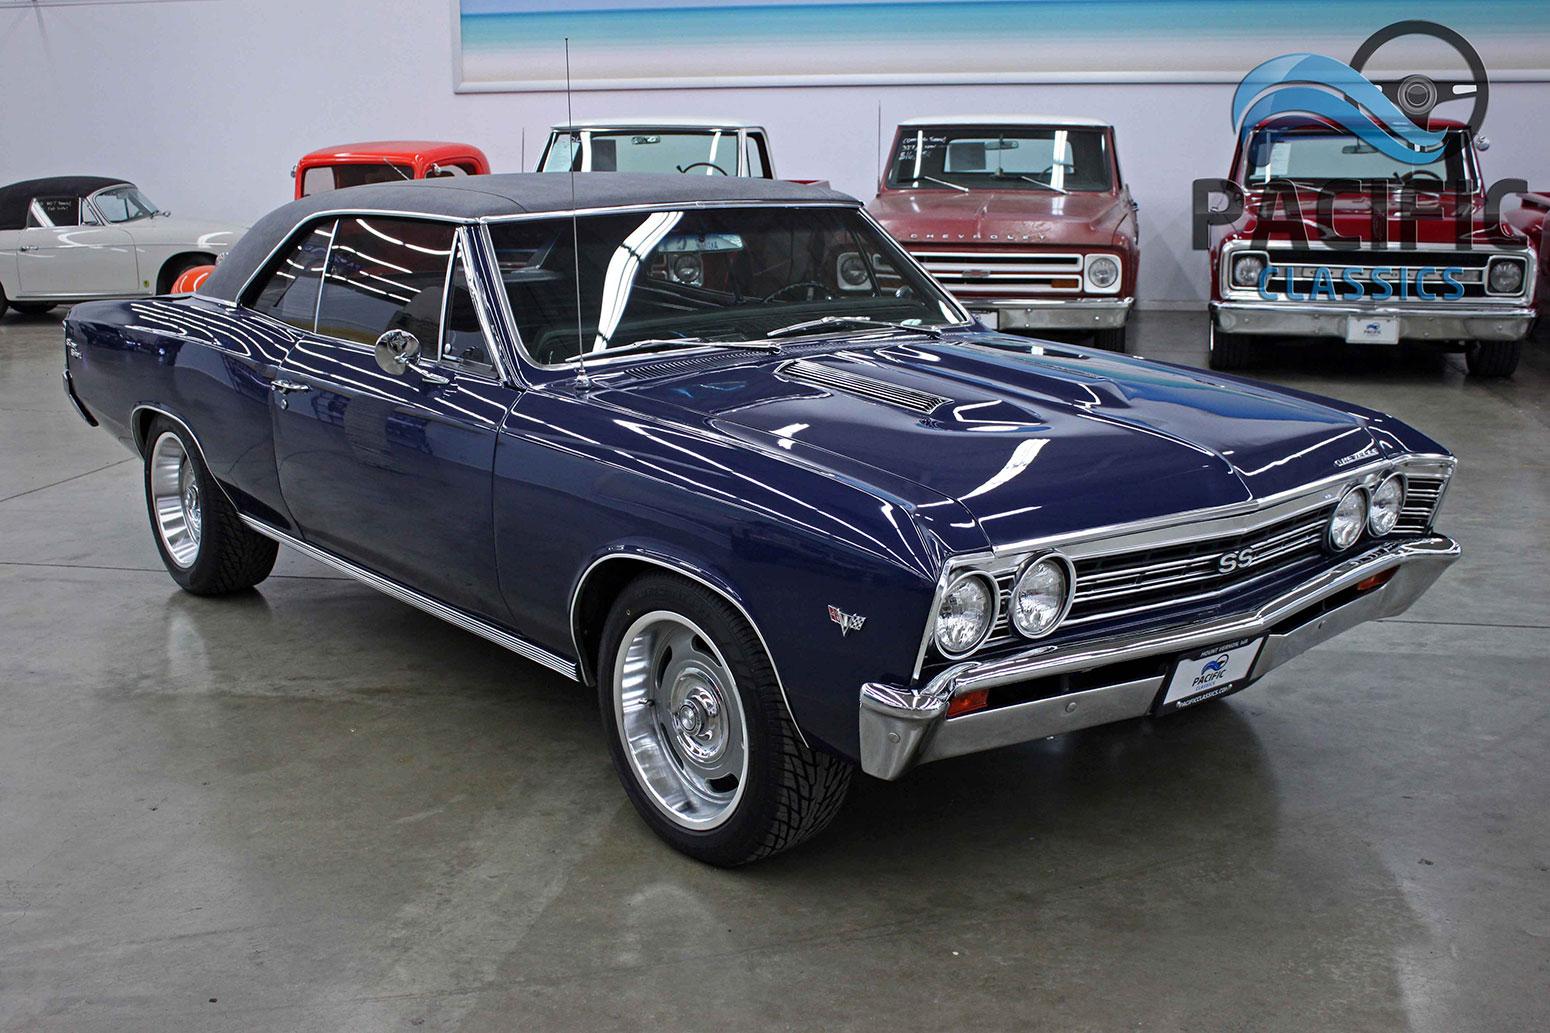 1967 Chevrolet Chevelle Dk Blue